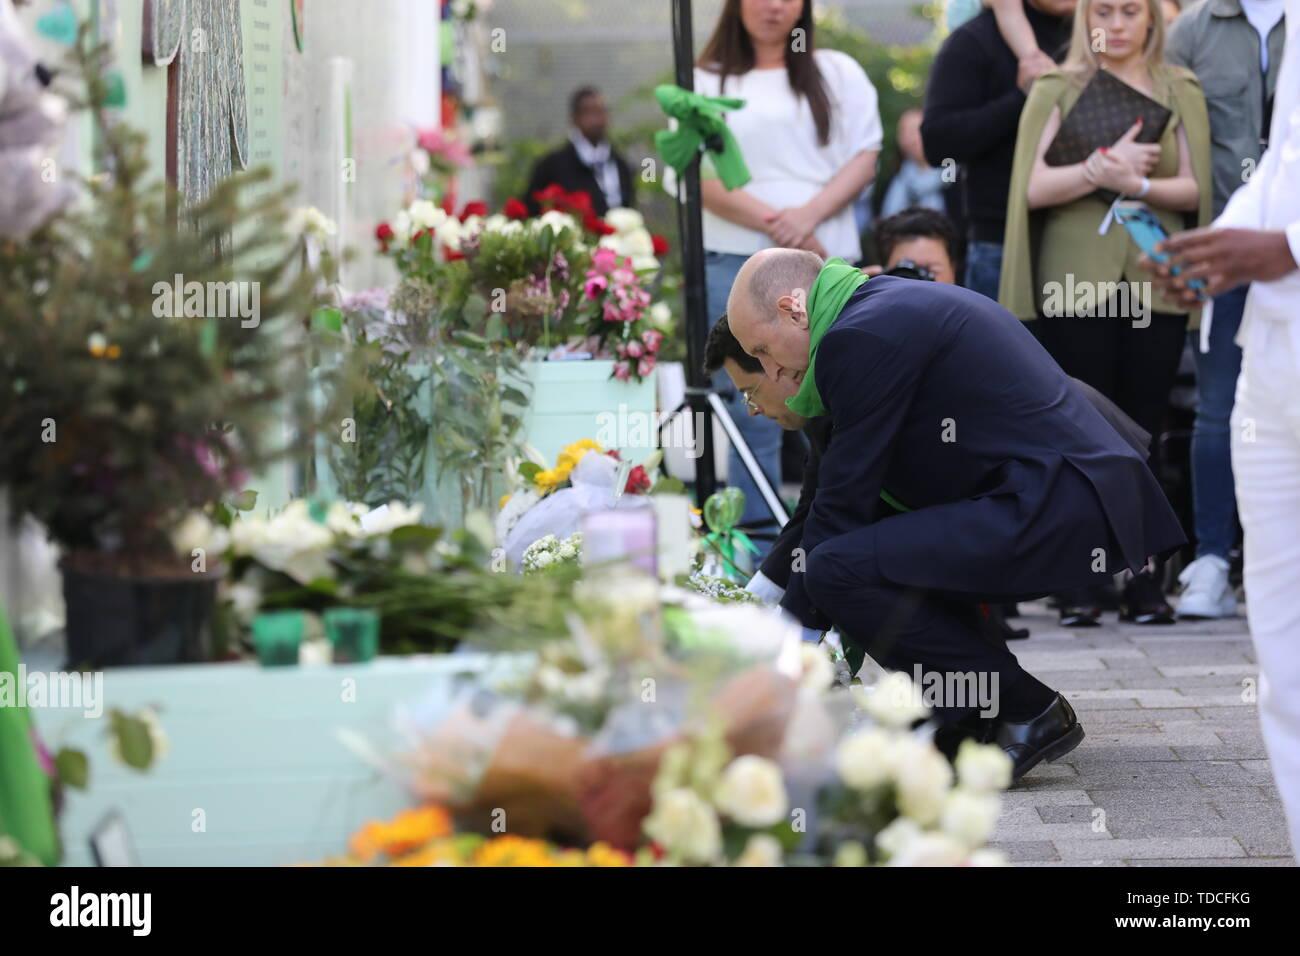 Shadow Gehäuse Sekretärin John Healey während einer Kranzniederlegung Zeremonie ausserhalb Grenfell Tower, London, anlässlich des 2-jährigen Jubiläums des Hochhauses Brand in Erinnerung an die 72 Menschen, die ihr Leben verloren. Stockbild